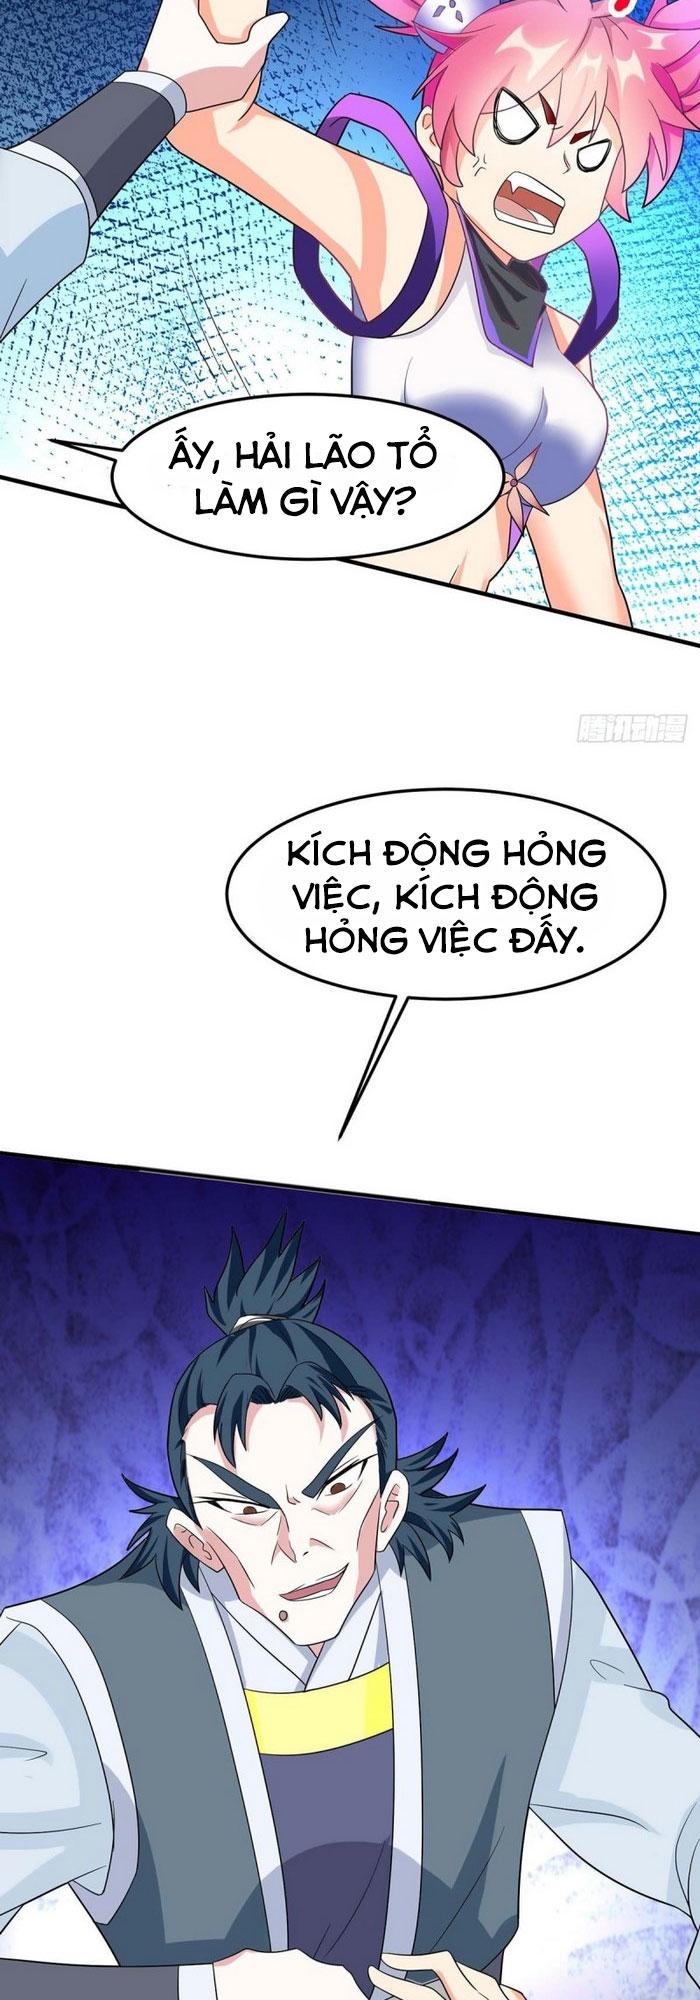 Tiên Đế Qui Lai chap 127 - Trang 12